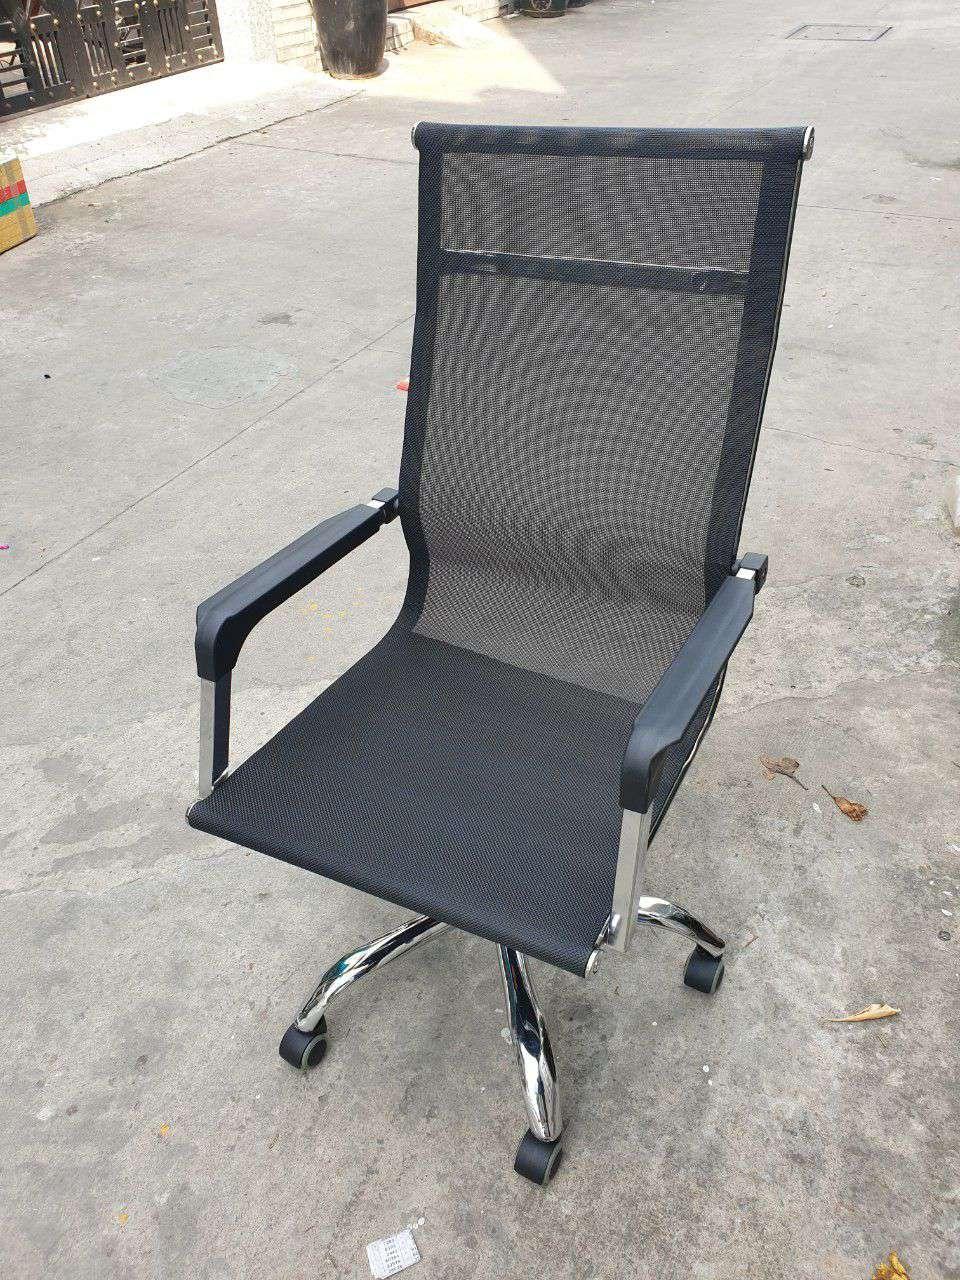 Ghế lưới lưng cao giá rẻ tại TPHCM – Mã : 4088